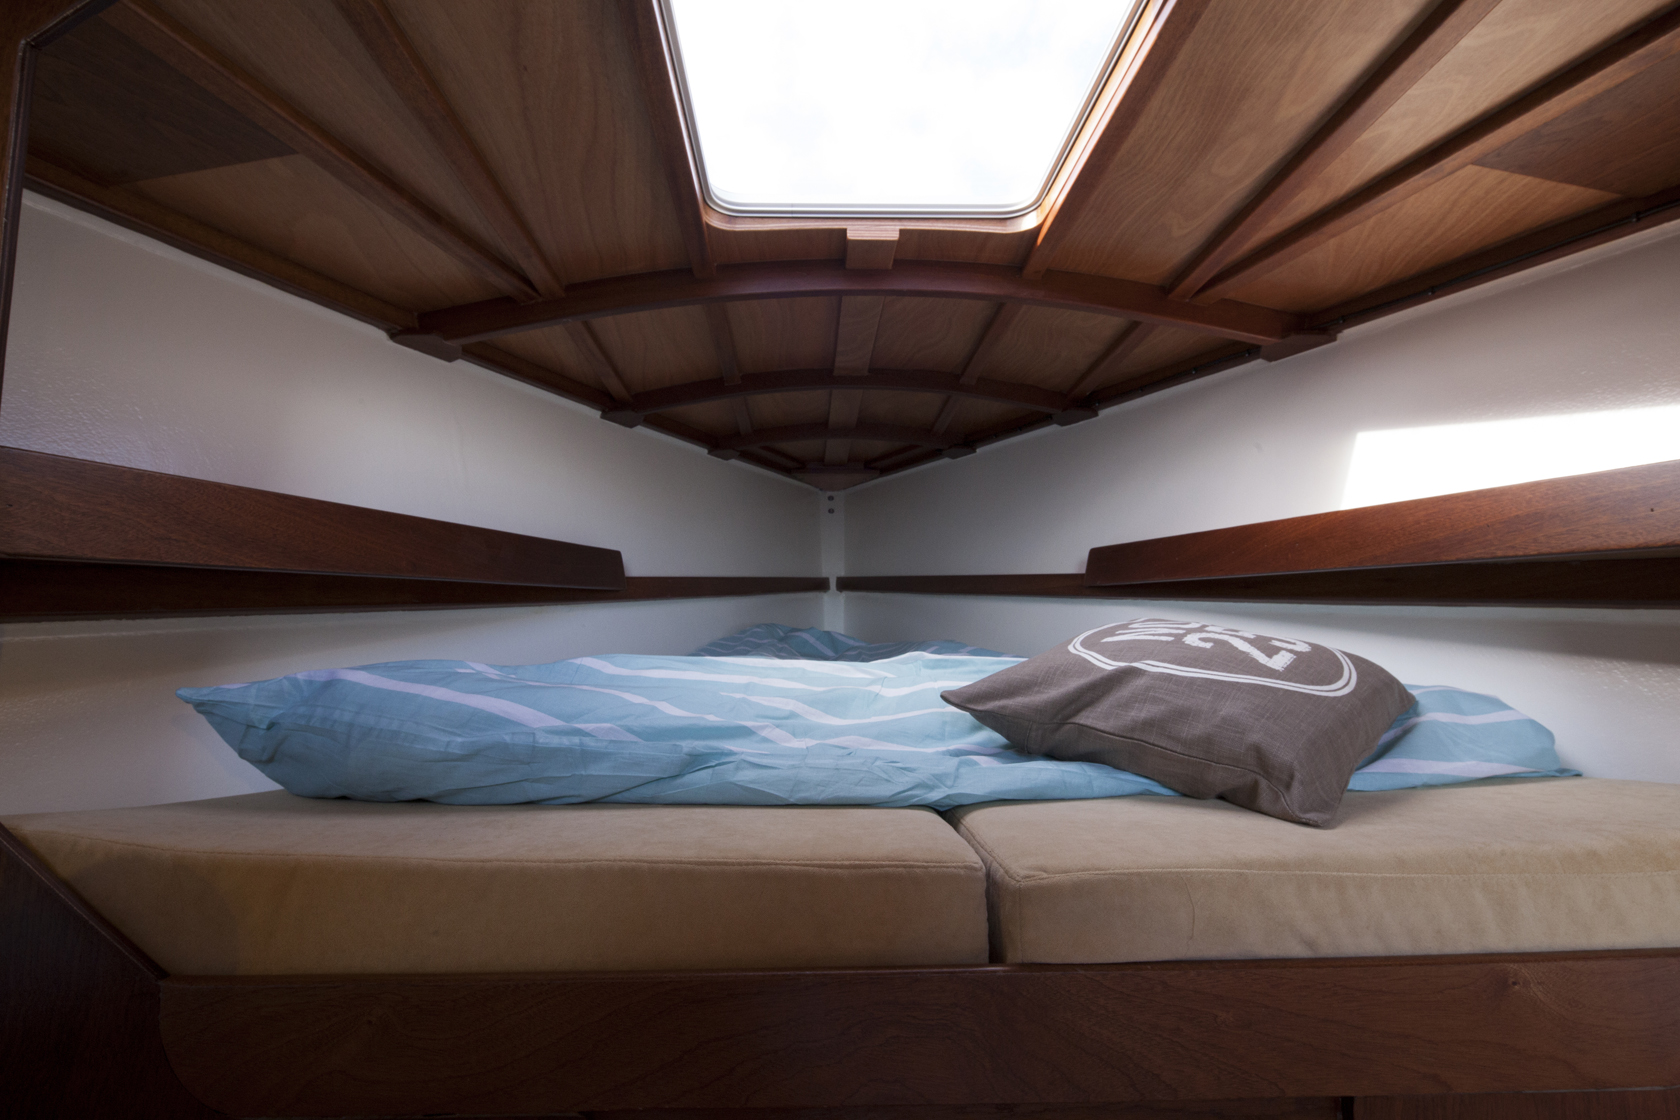 Waarschip 30 CR slaapkamer